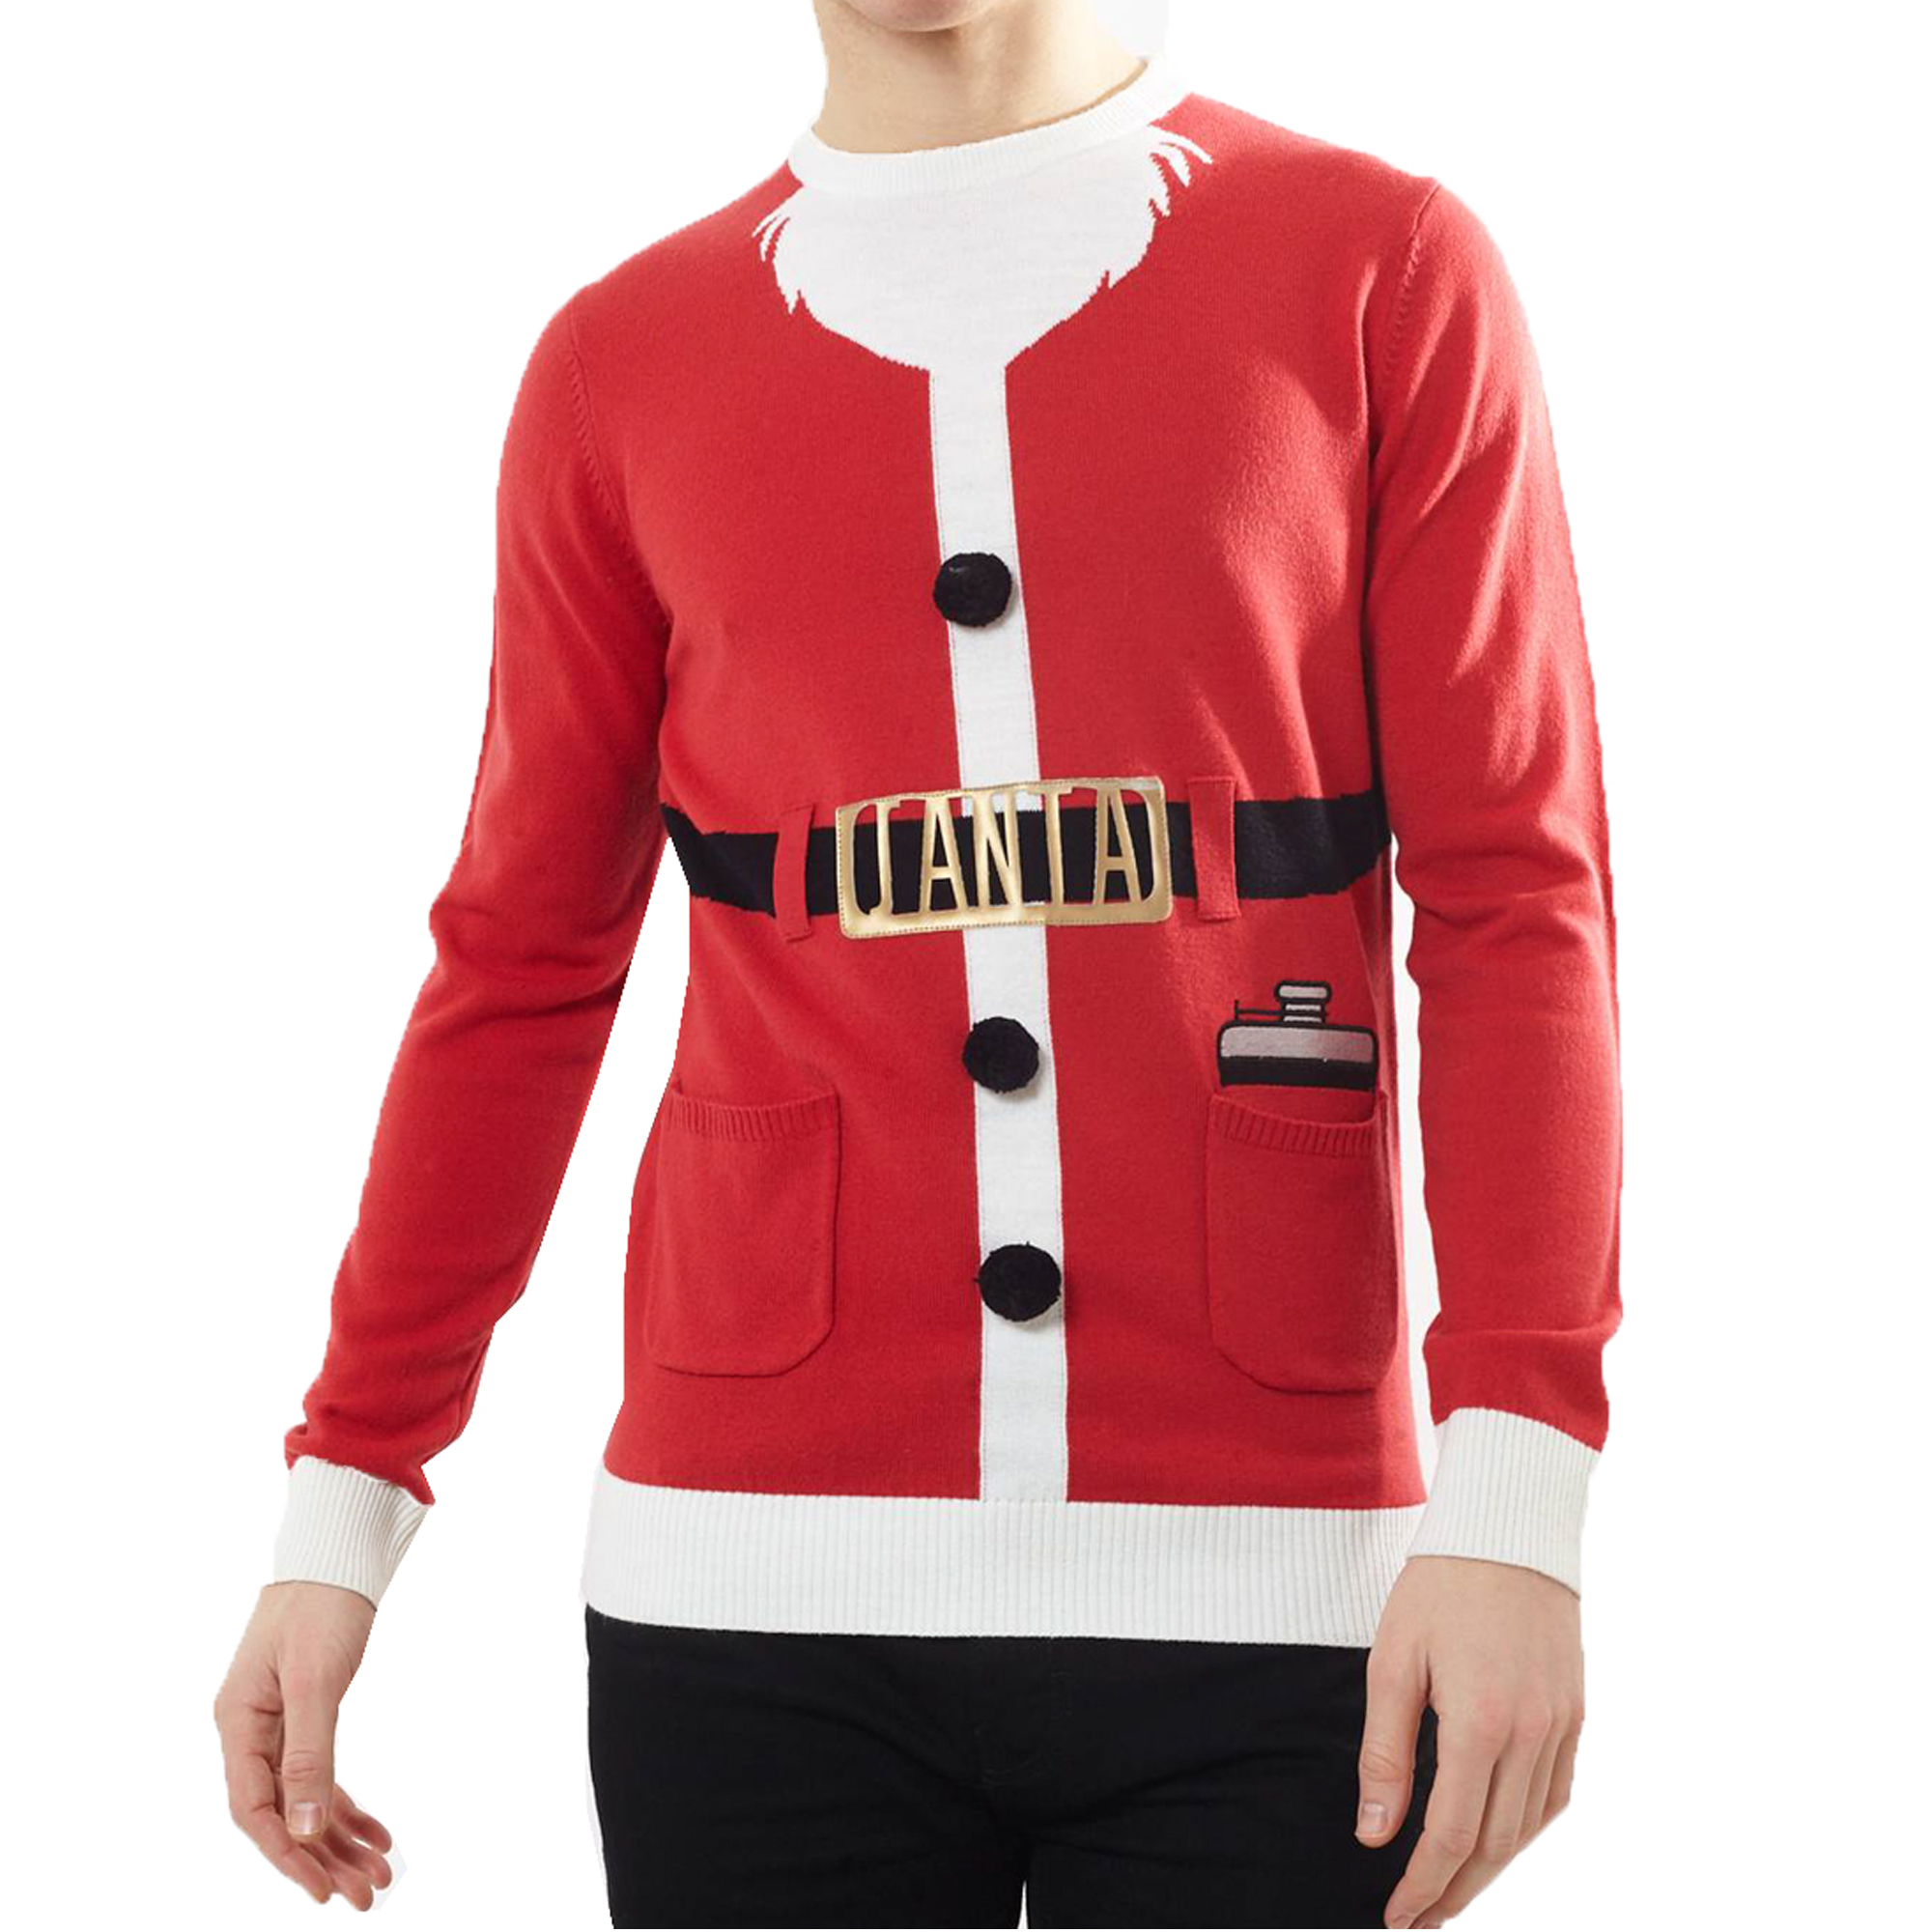 Maglione da Uomo Natale Brave Soul Natale Novità Felpa Con Cappuccio Girocollo Babbo Natale Elfo